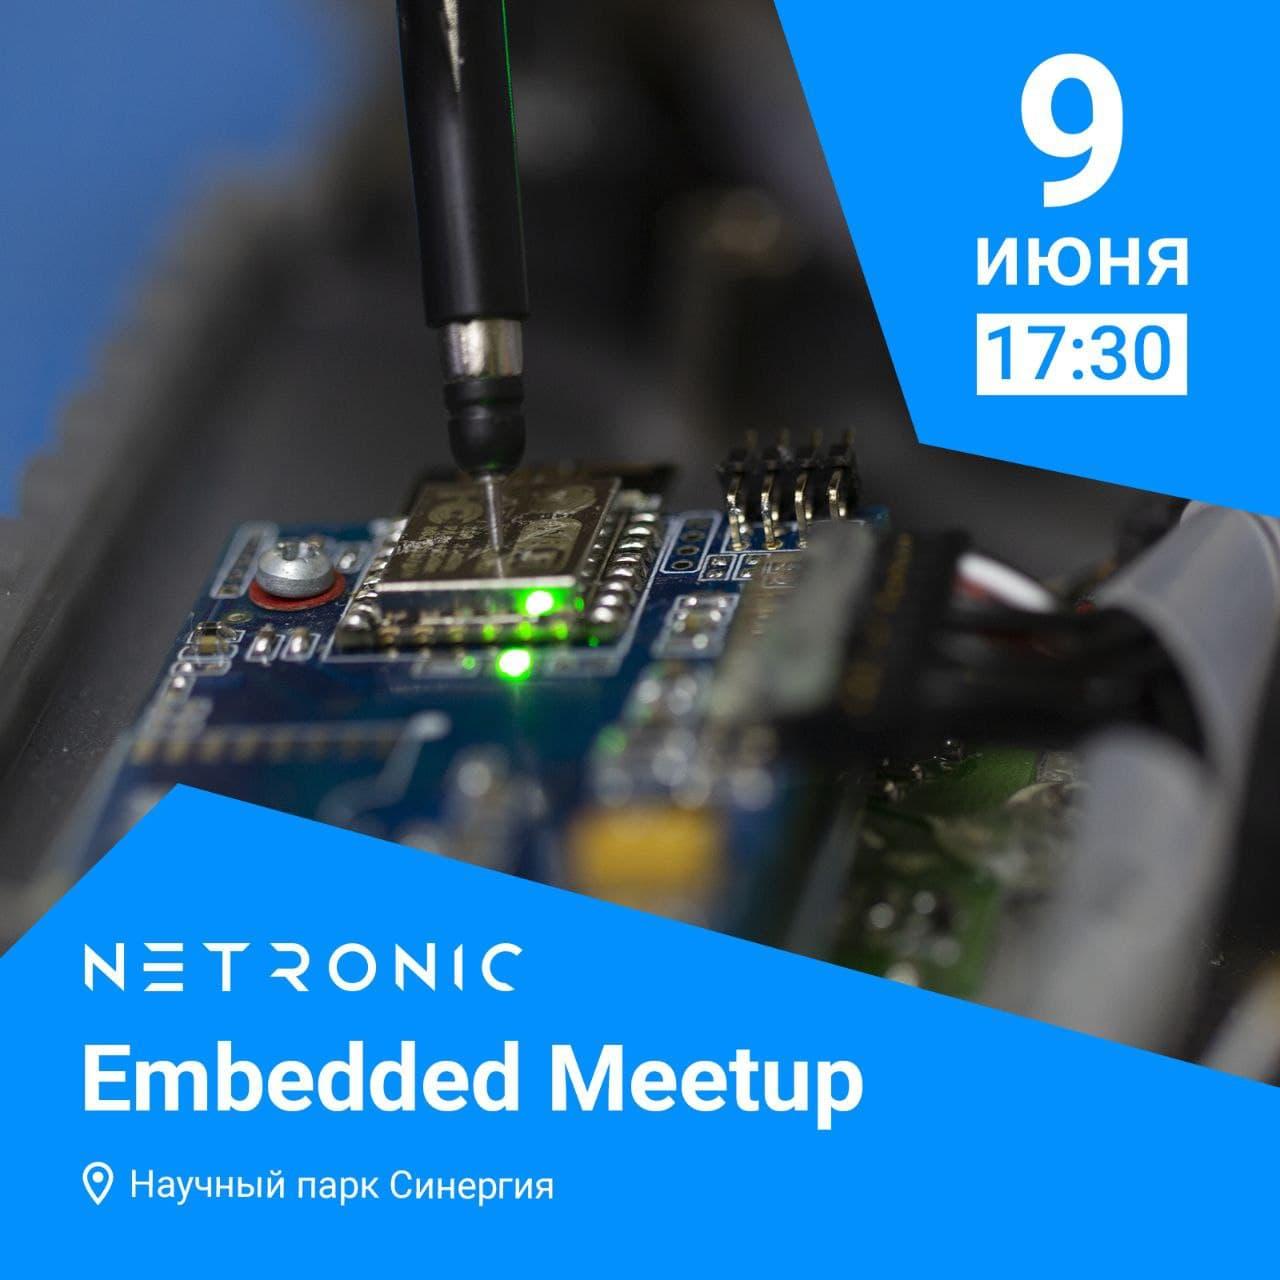 NETRONIC організовує два заходи присвячених програмуванню мікроконтролерів і інженерним рішенням